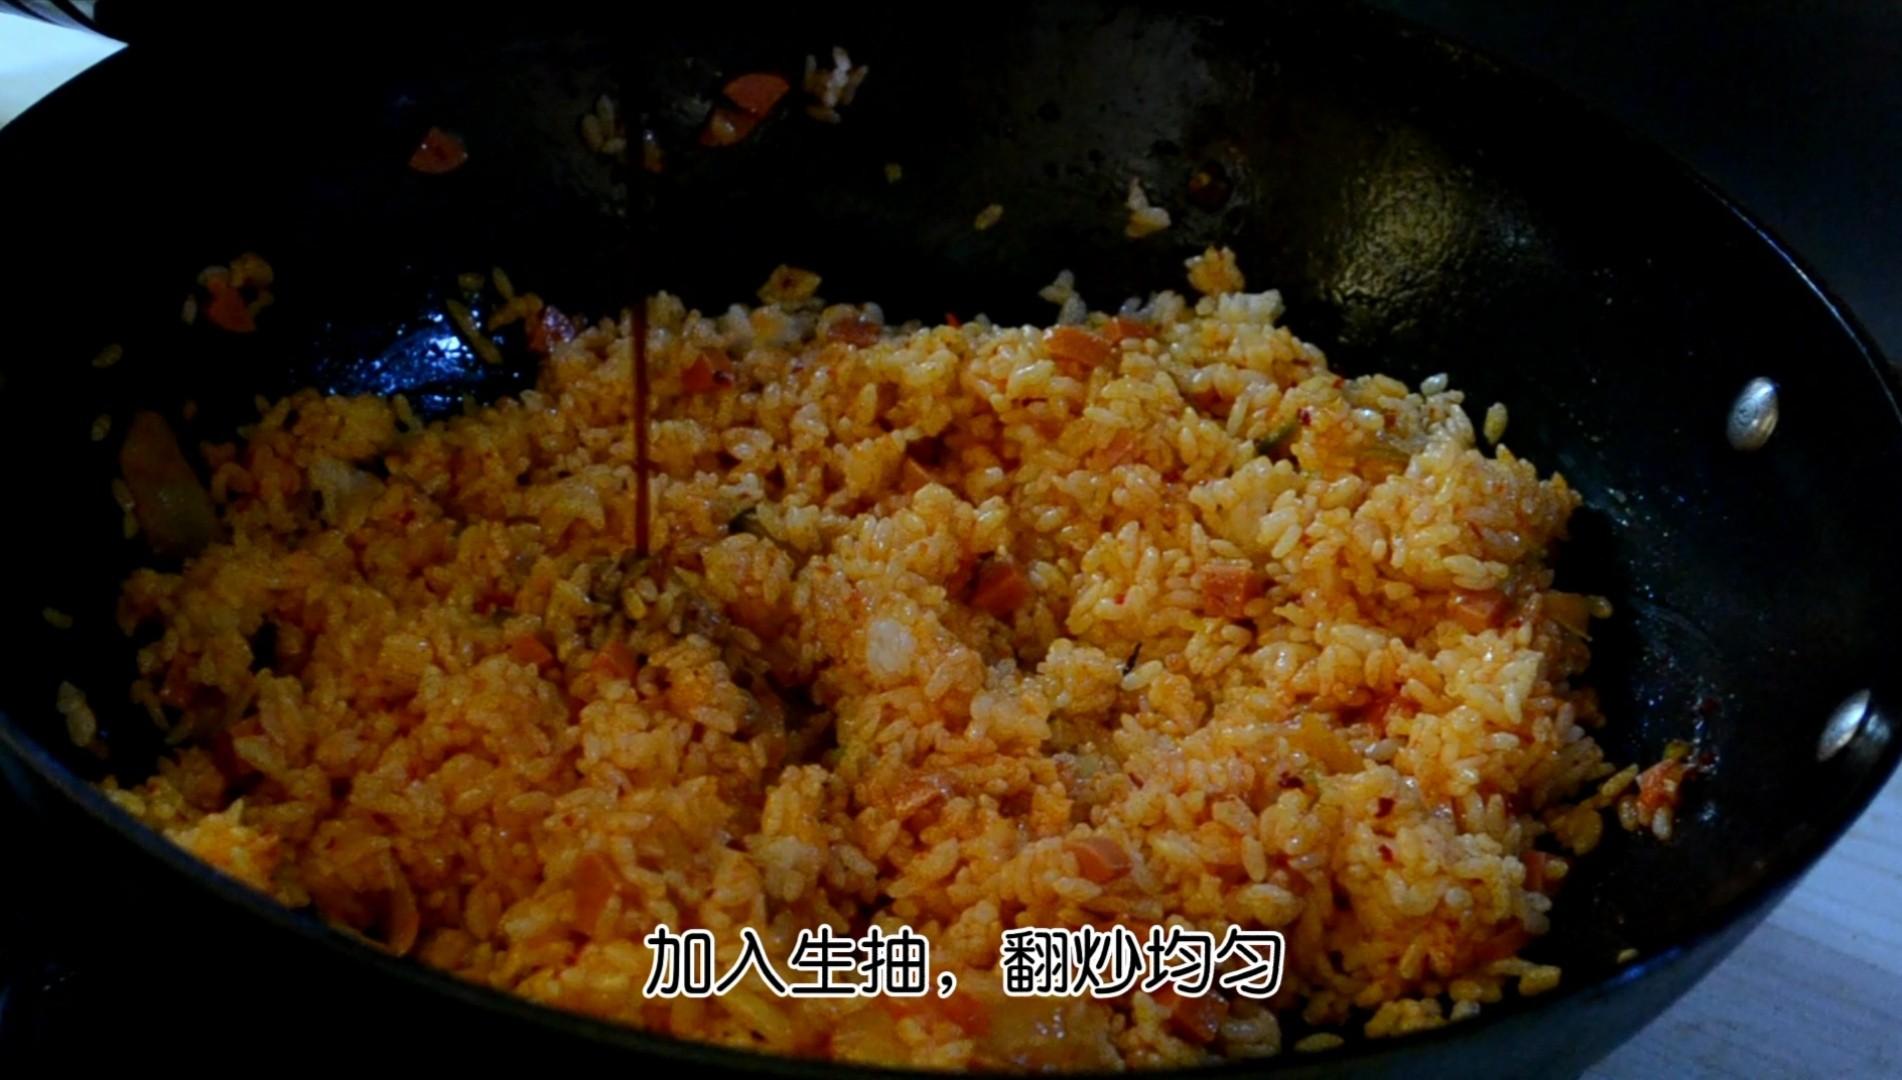 韩式辣白菜炒饭的简单做法